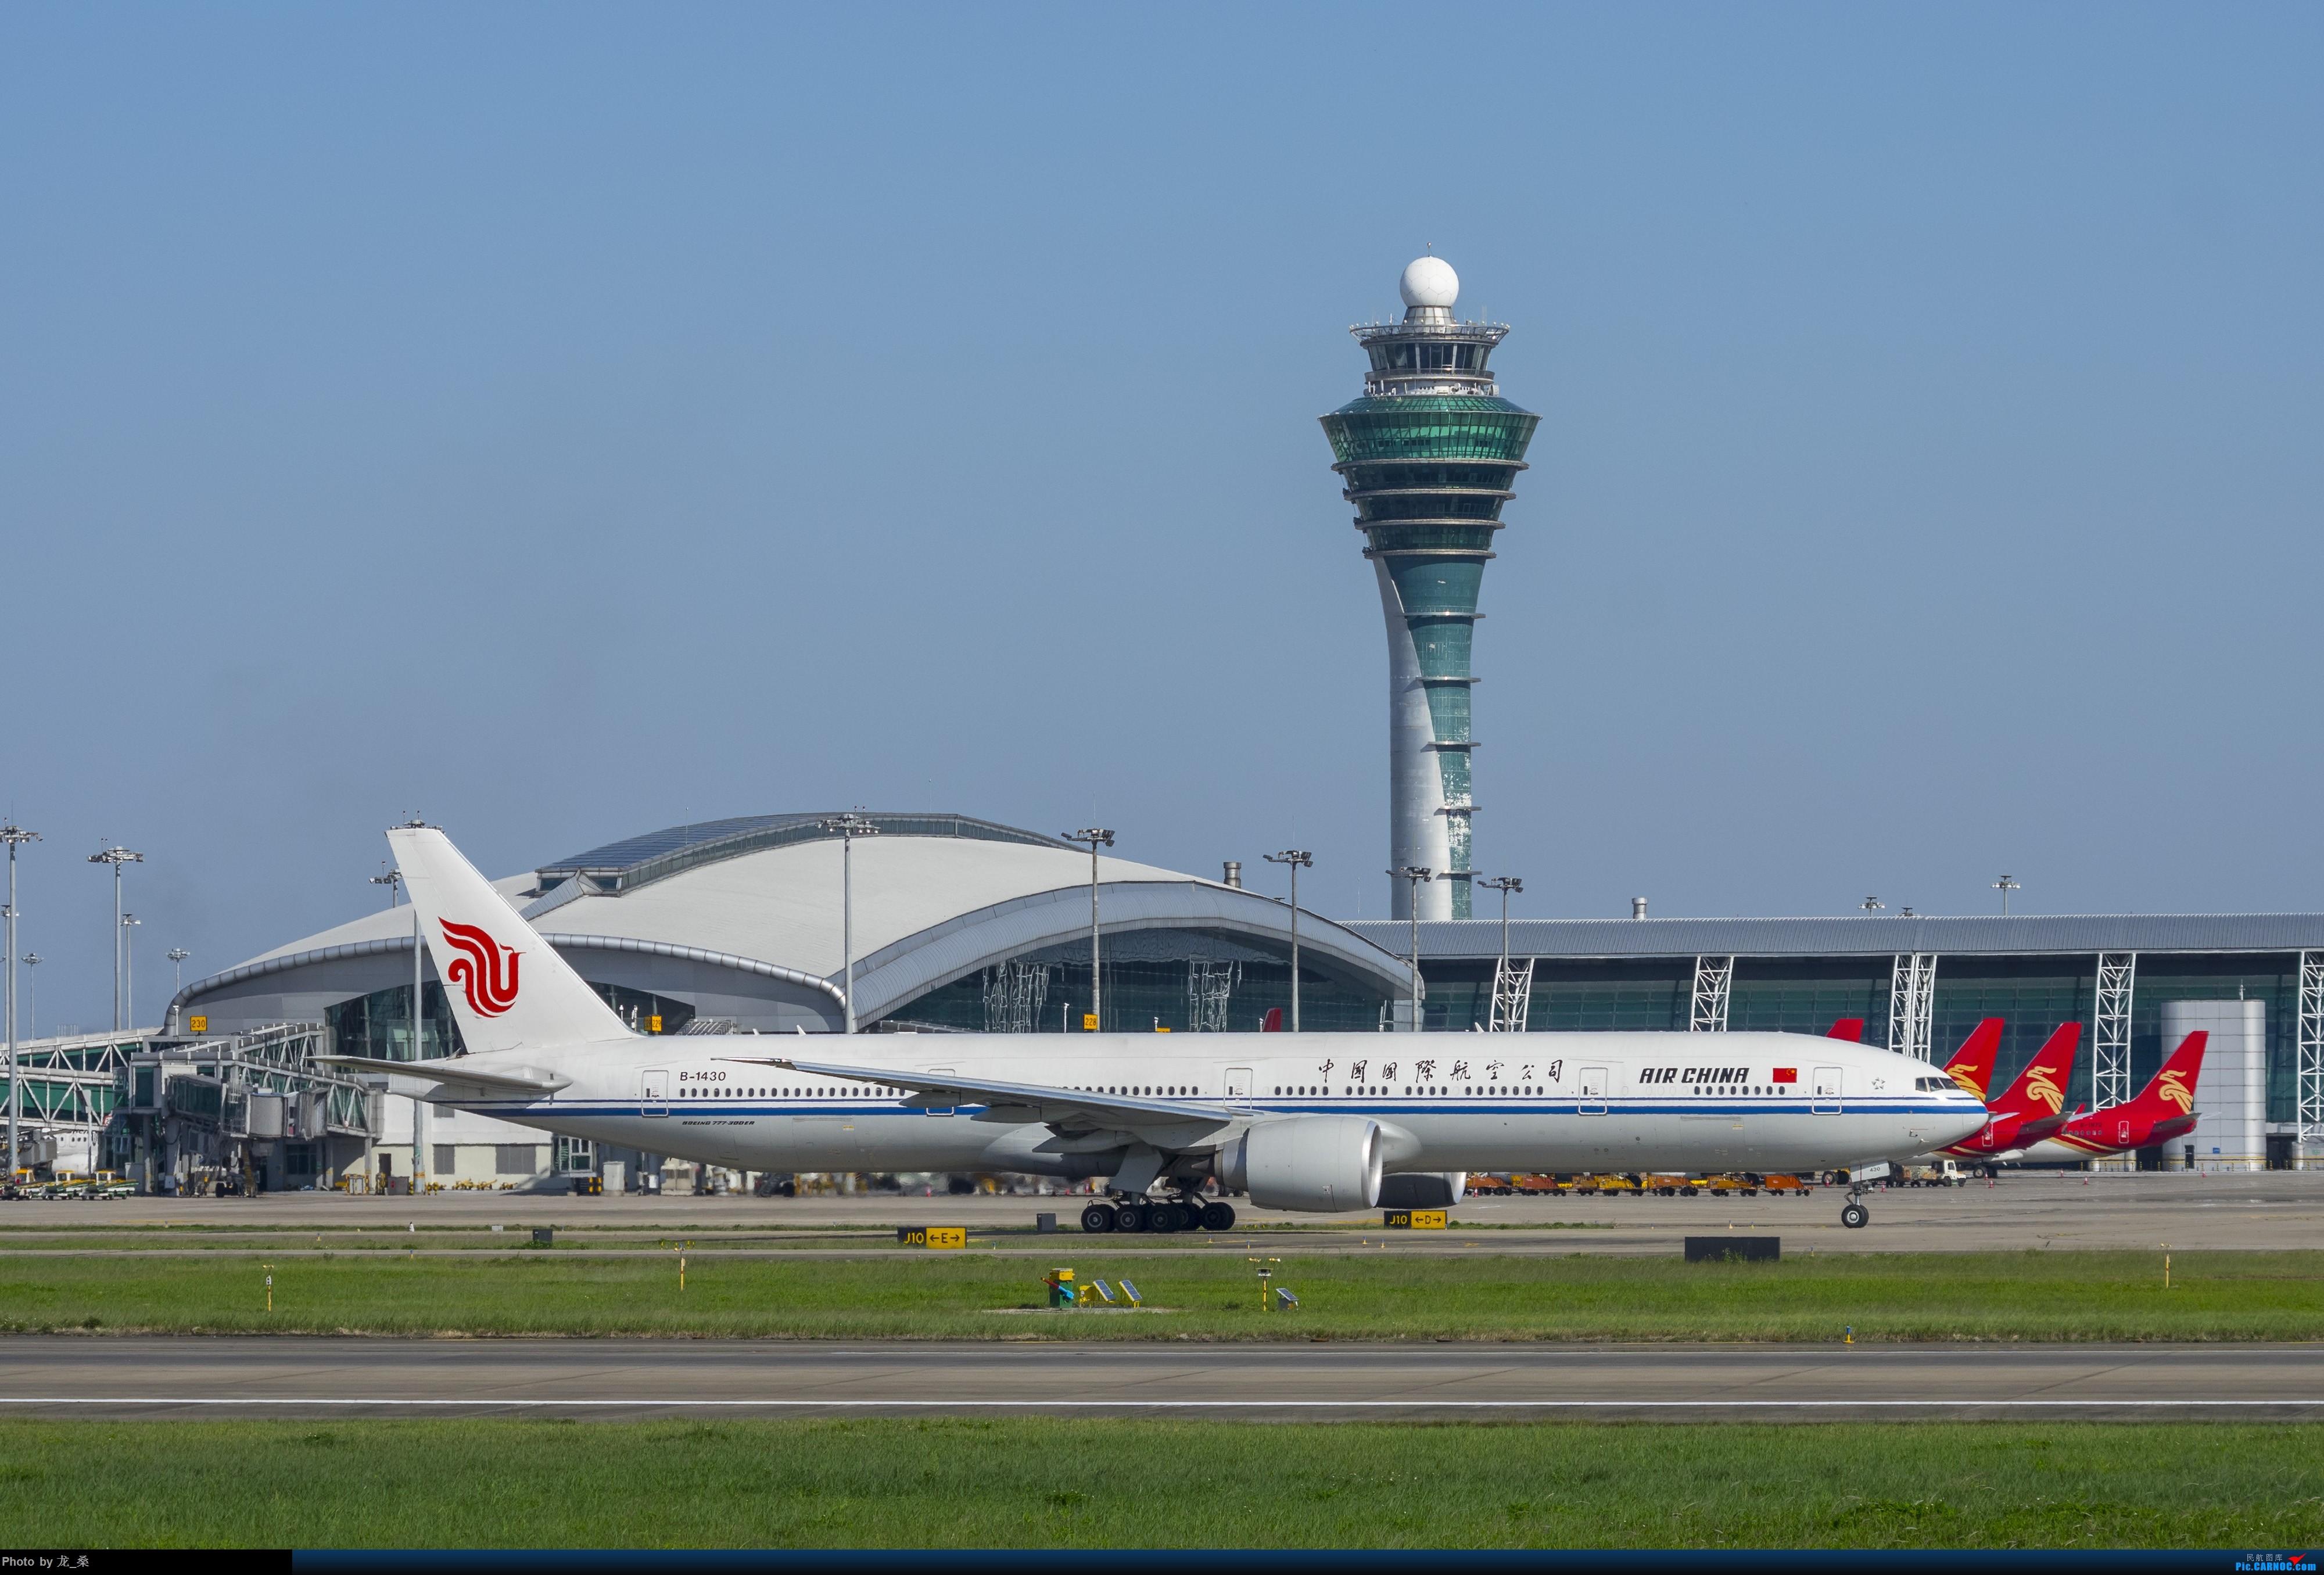 Re:[原创]发一组CAN的旧图,我可能是论坛唯一宾得党了吧 BOEING 777-300ER B-1430 中国广州白云国际机场